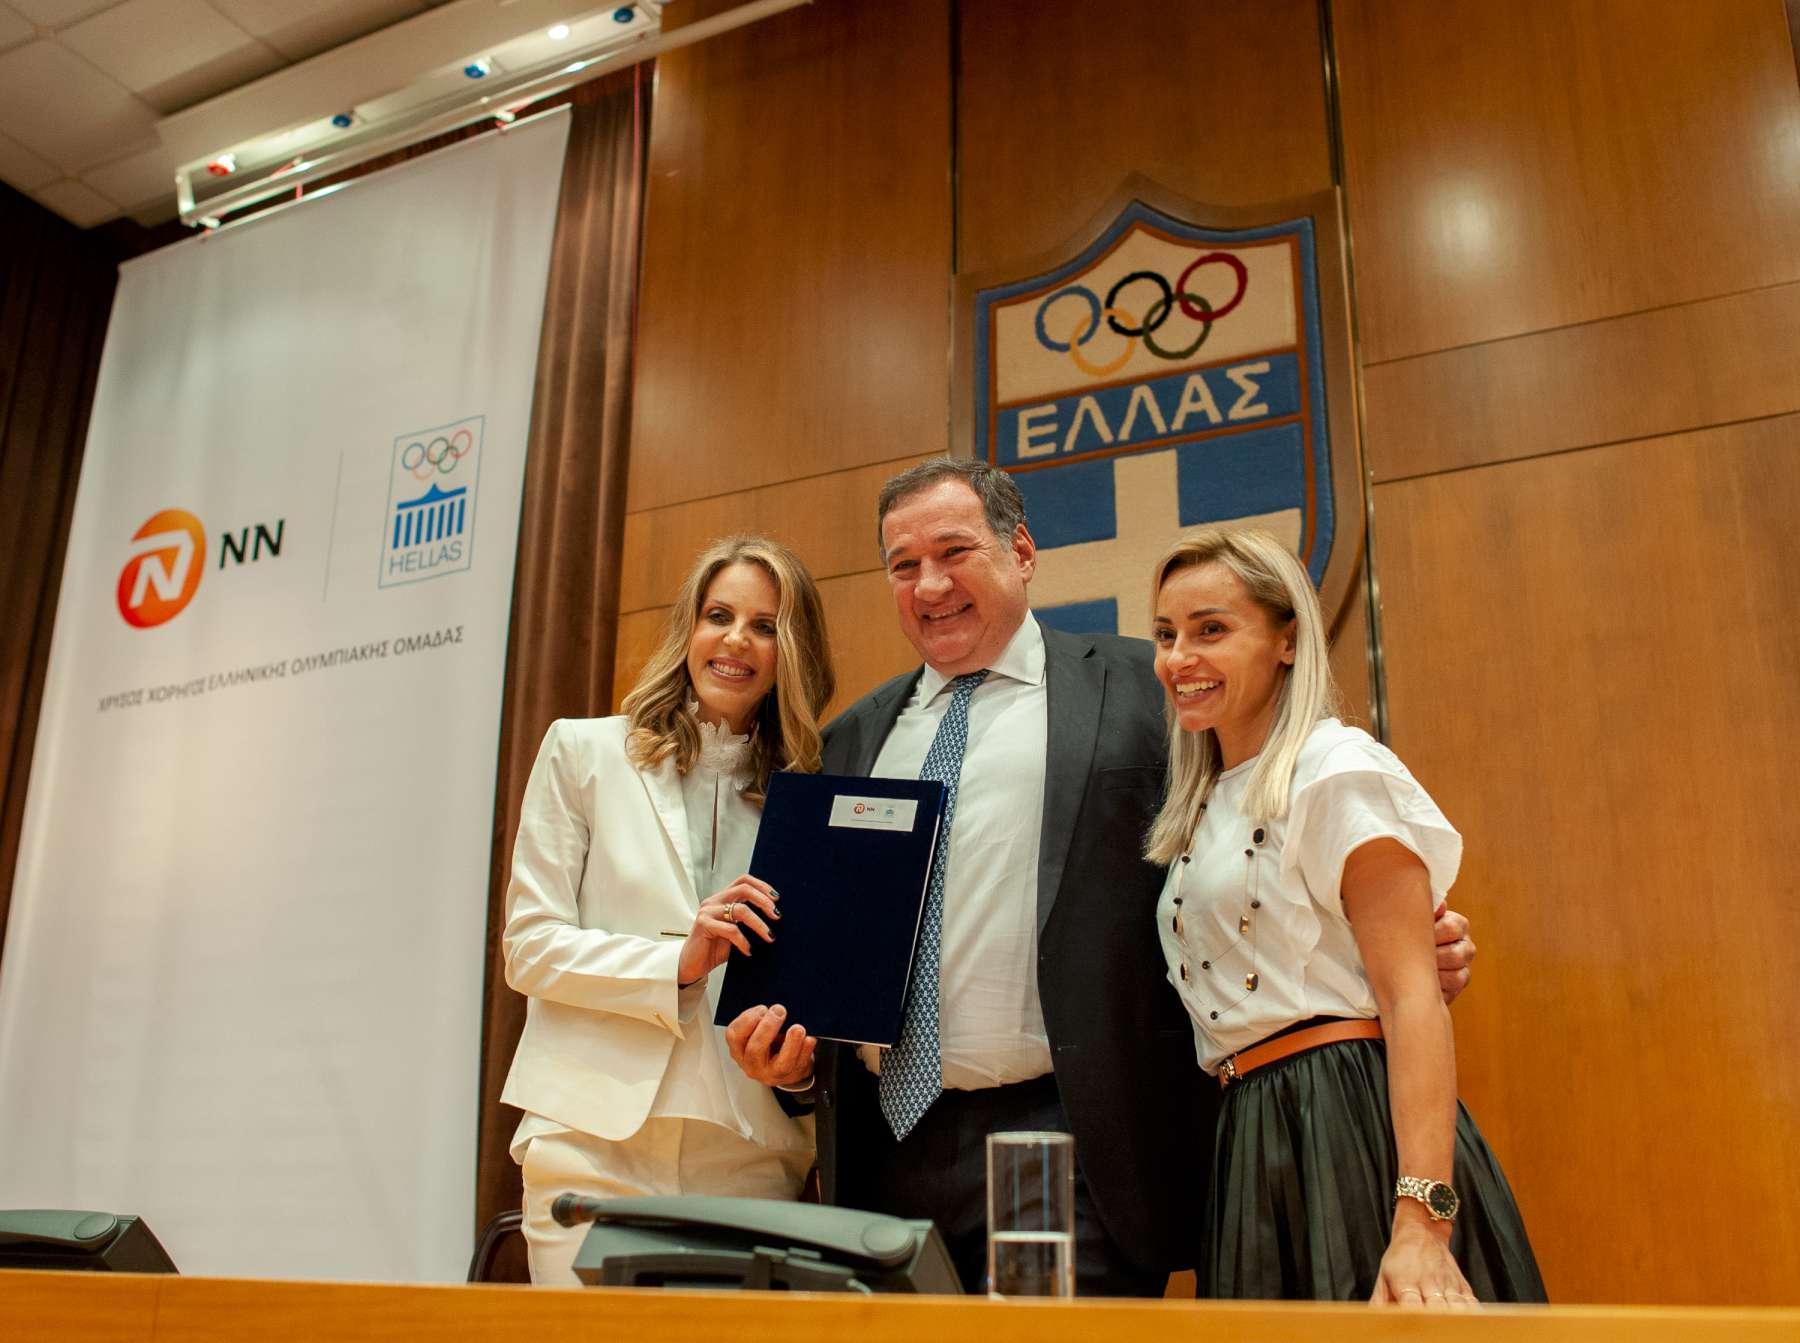 ΝΝ Hellas: Χρυσός Χορηγός της Ελληνικής Ολυμπιακής Ομάδας